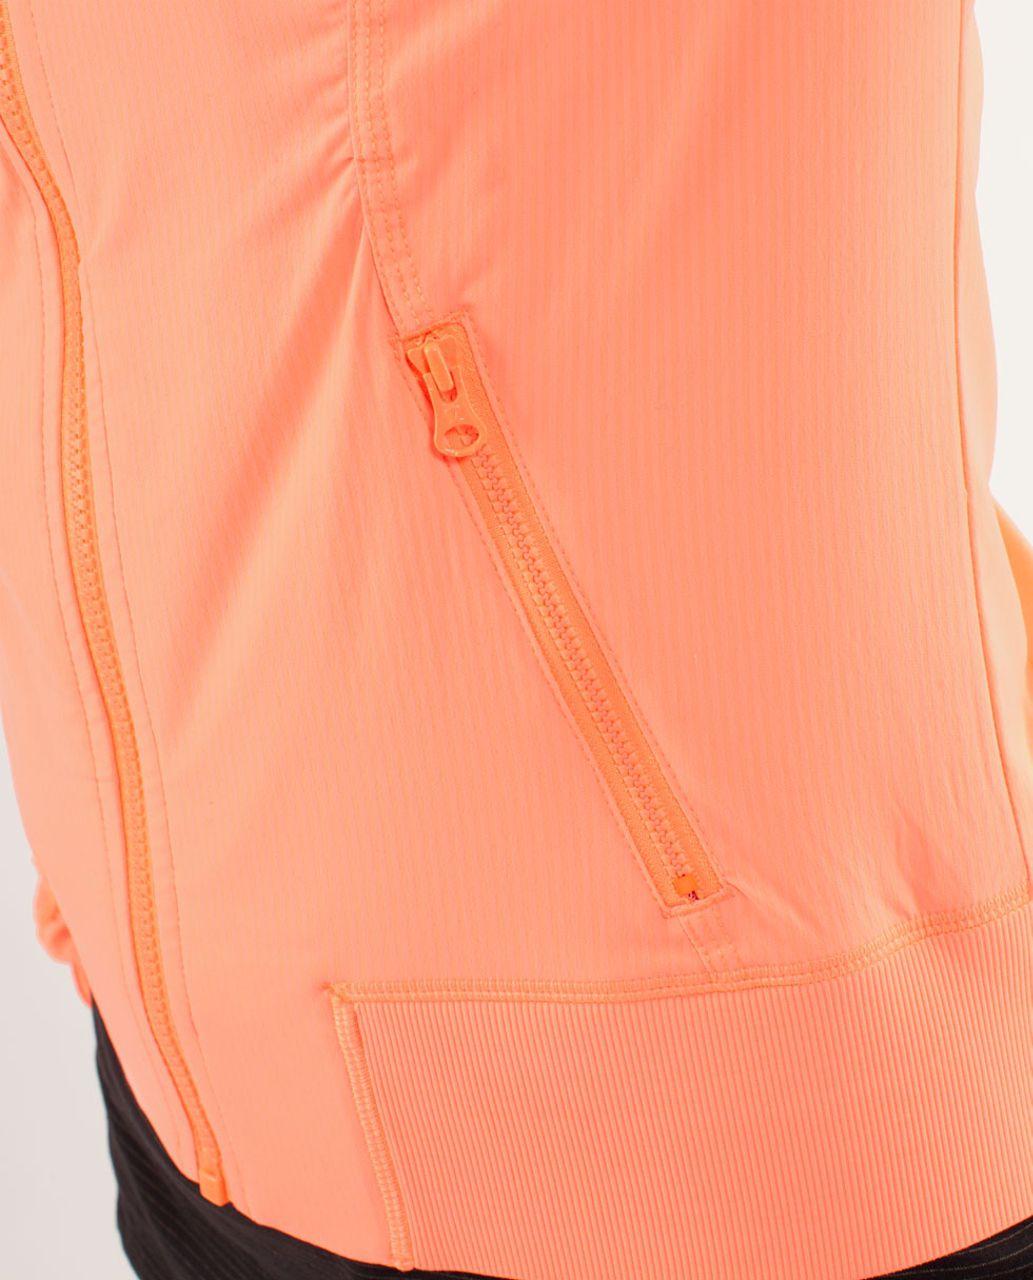 Lululemon Street To Studio Jacket - Pop Orange